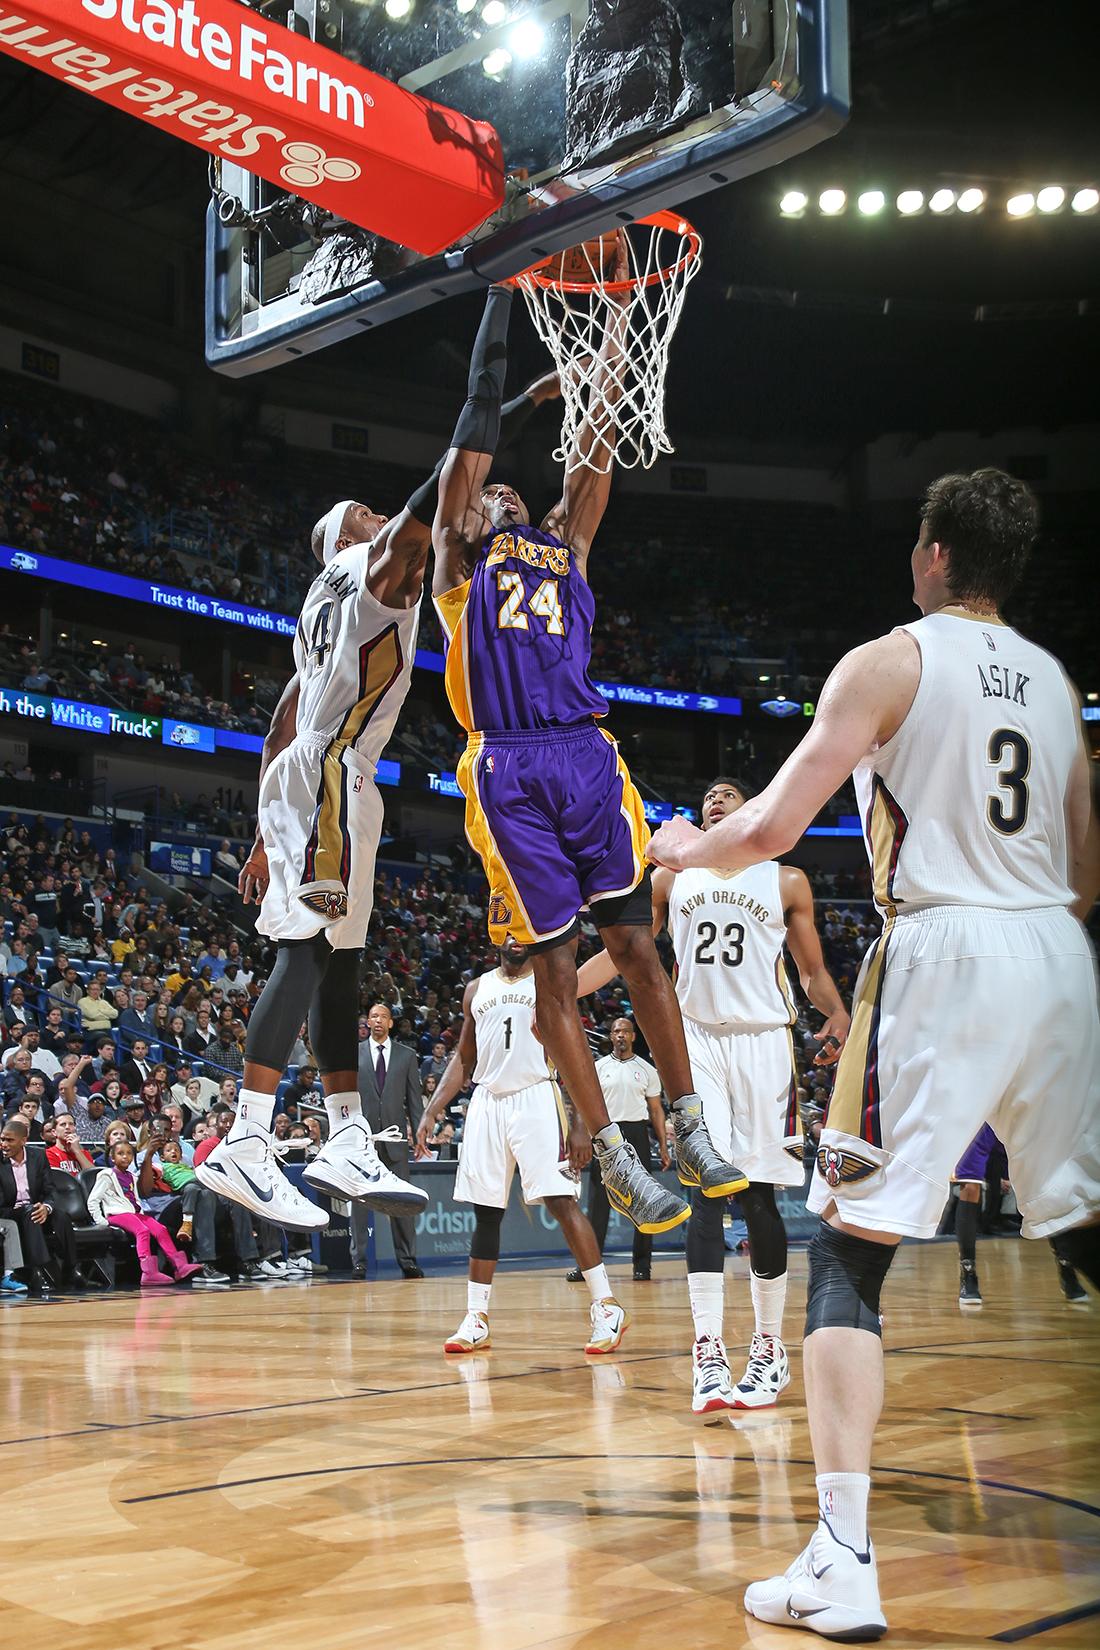 Alarma en LA, Kobe se lesiona el hombro por viva basquet